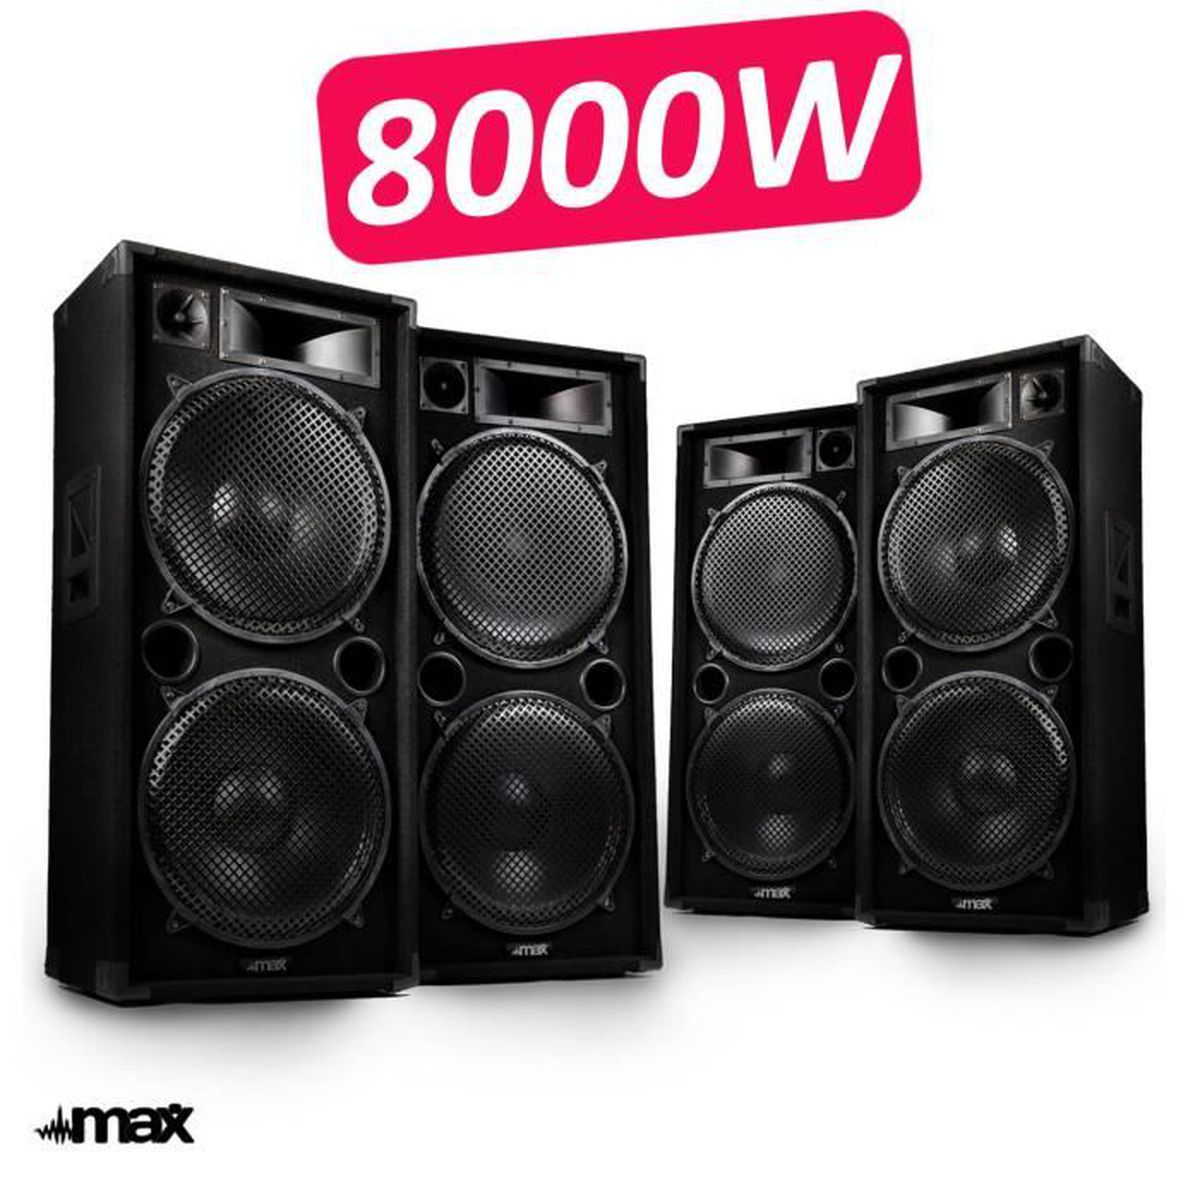 double paires d 39 enceintes sonorisation 8000w pro dj max 215 full range 8x38cm pack sono avis. Black Bedroom Furniture Sets. Home Design Ideas